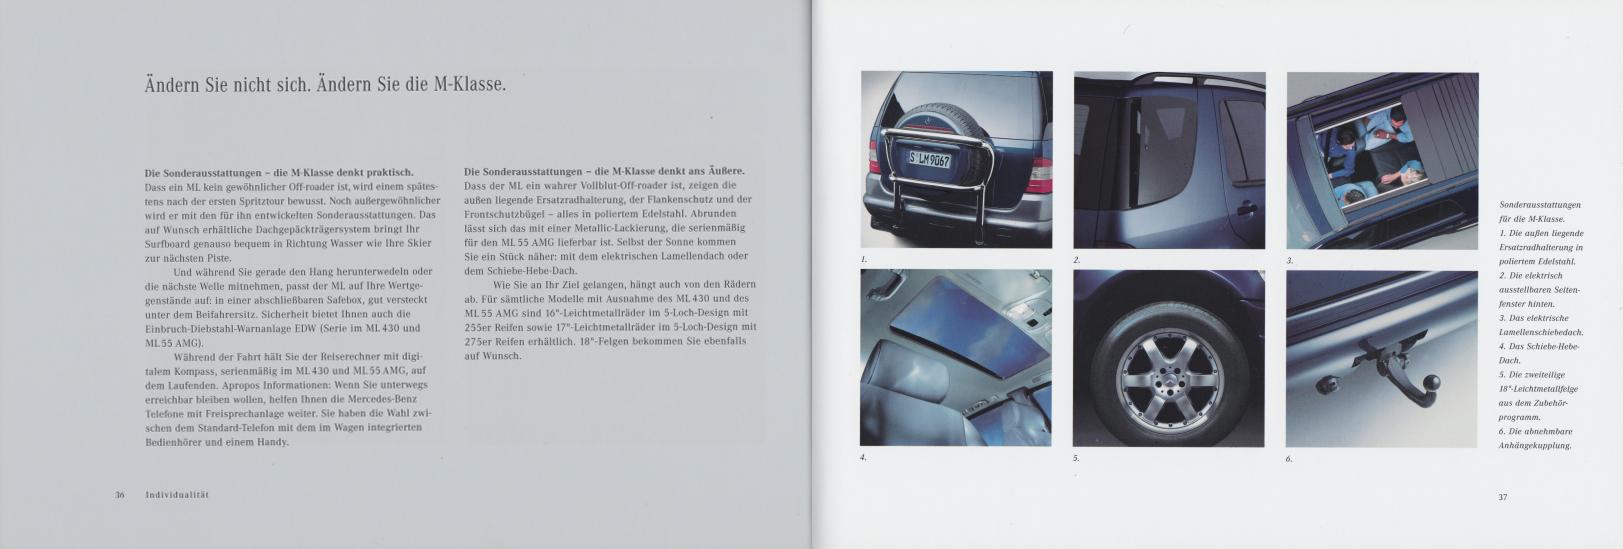 (W163): Catálogo 2000 - alemão 020